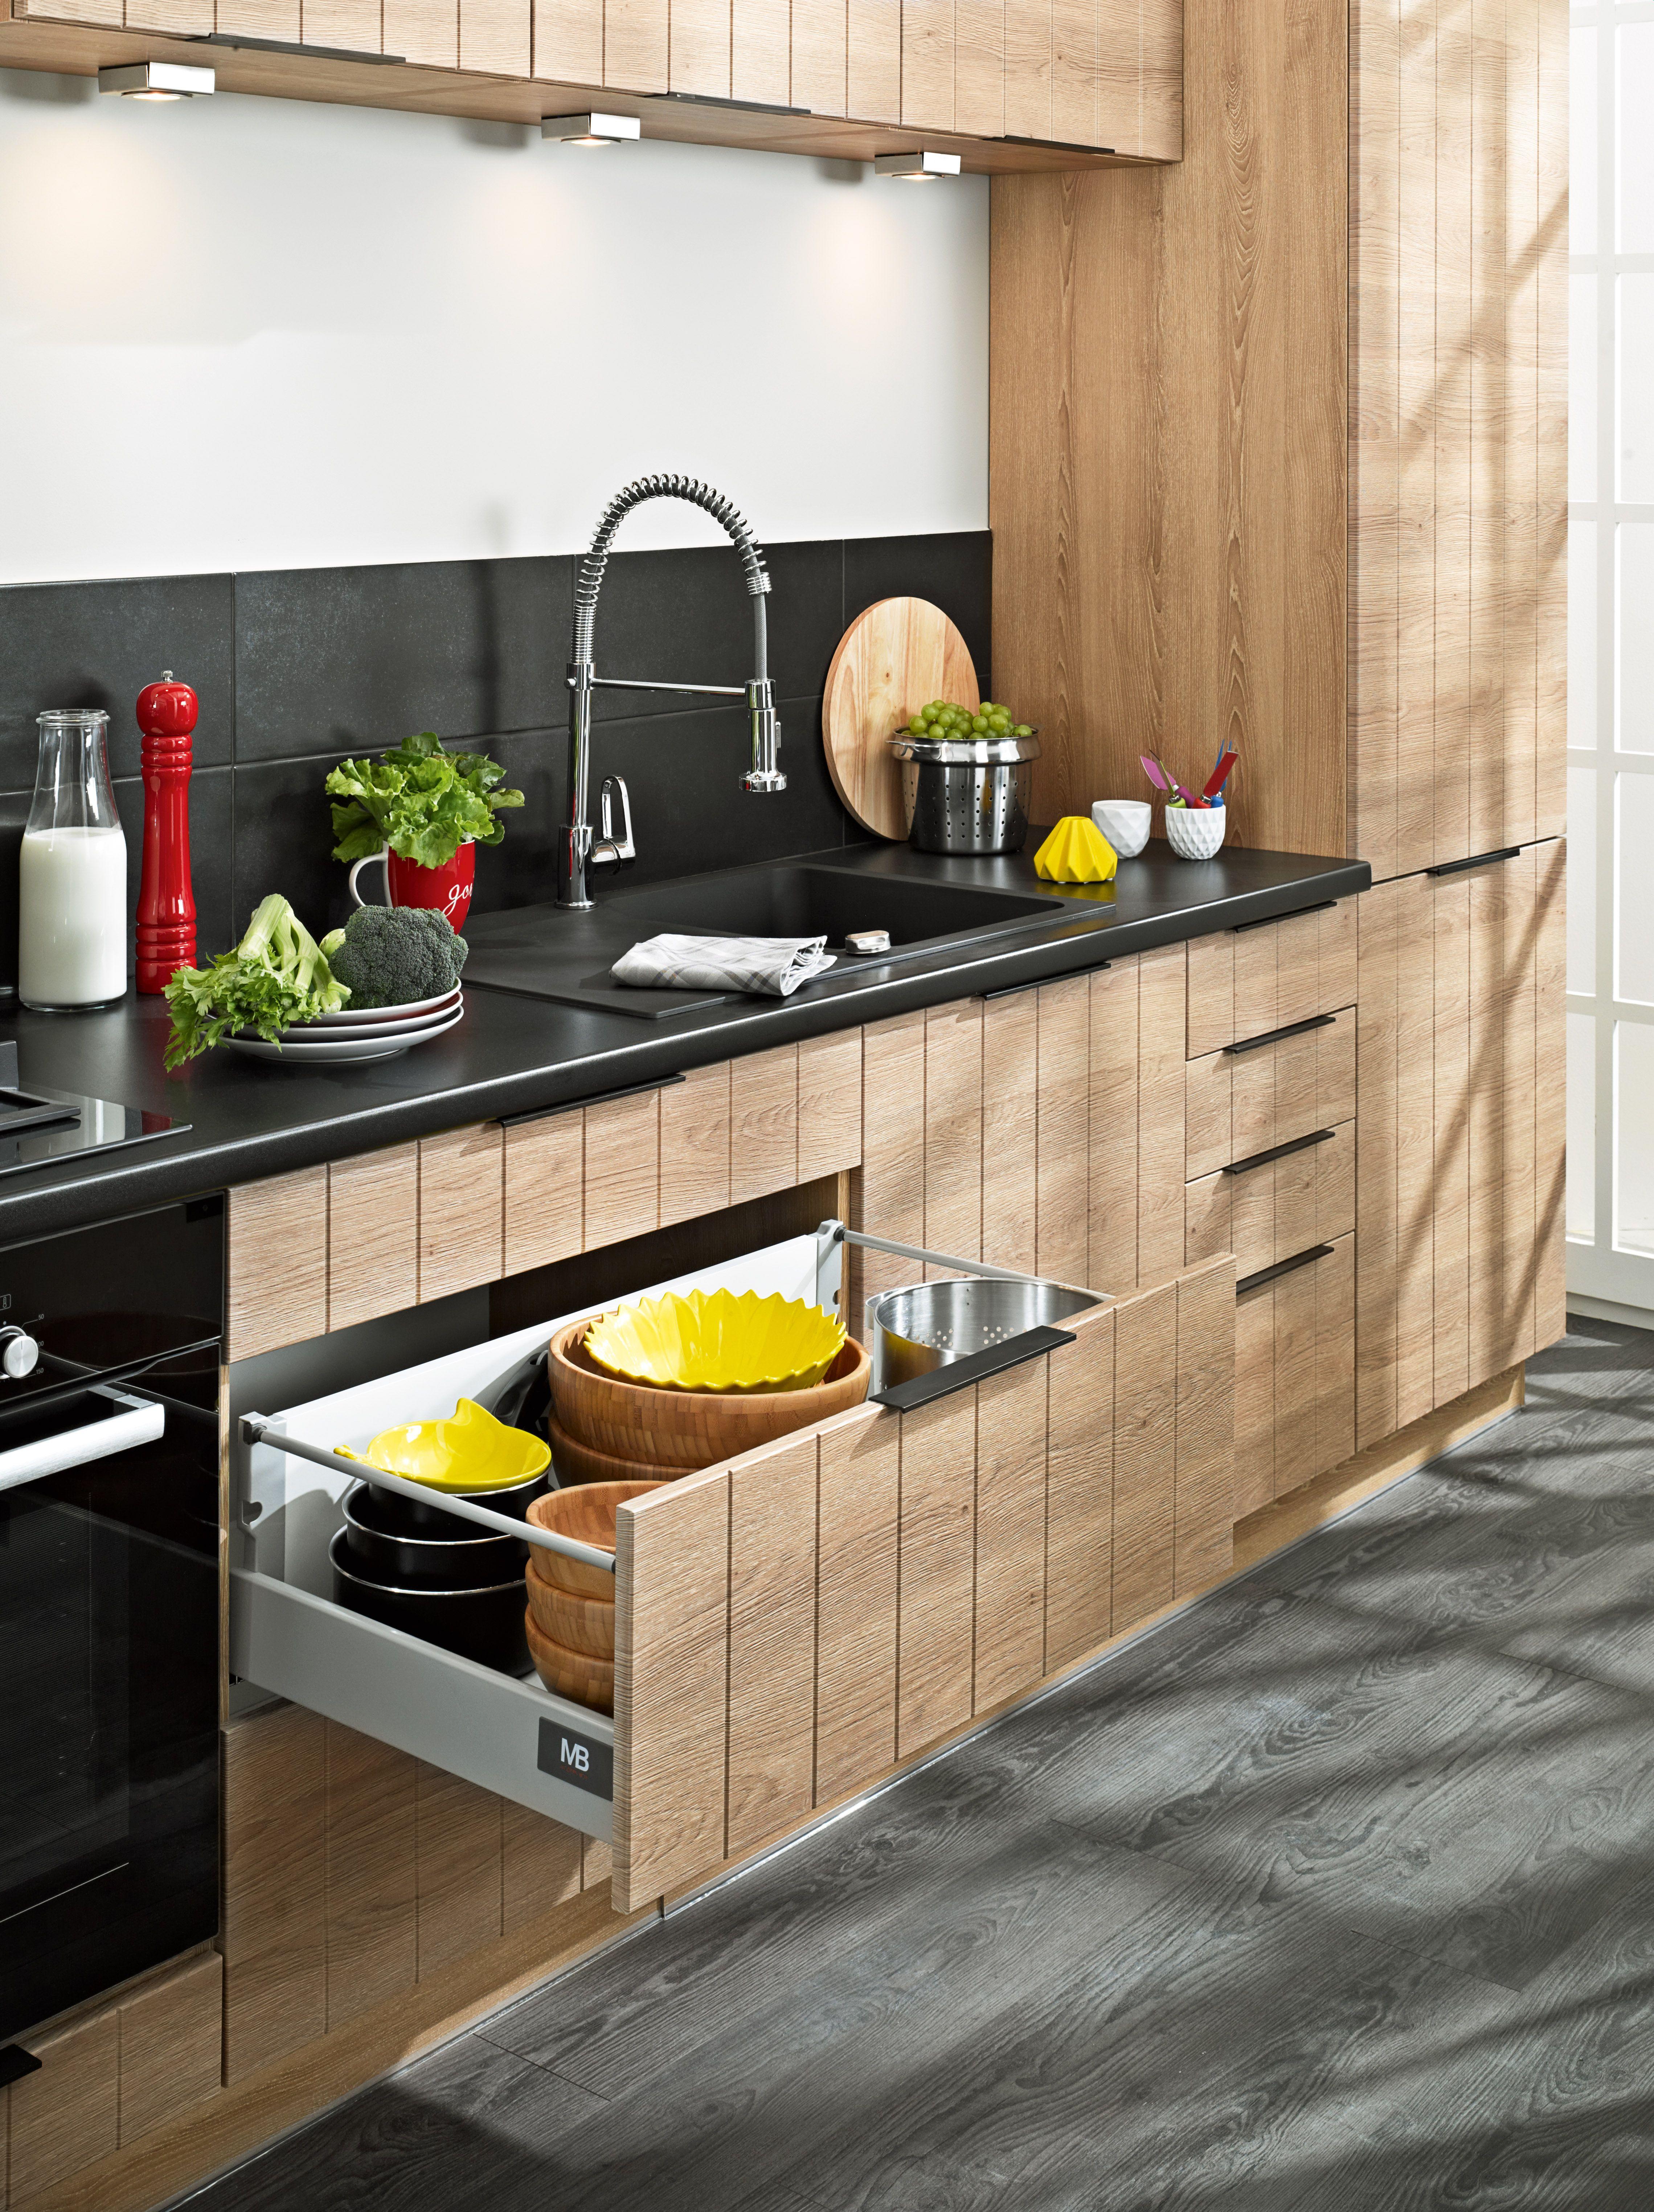 Loft Kuchnie I Elementy Dostępne W Castoramie Kuchnie